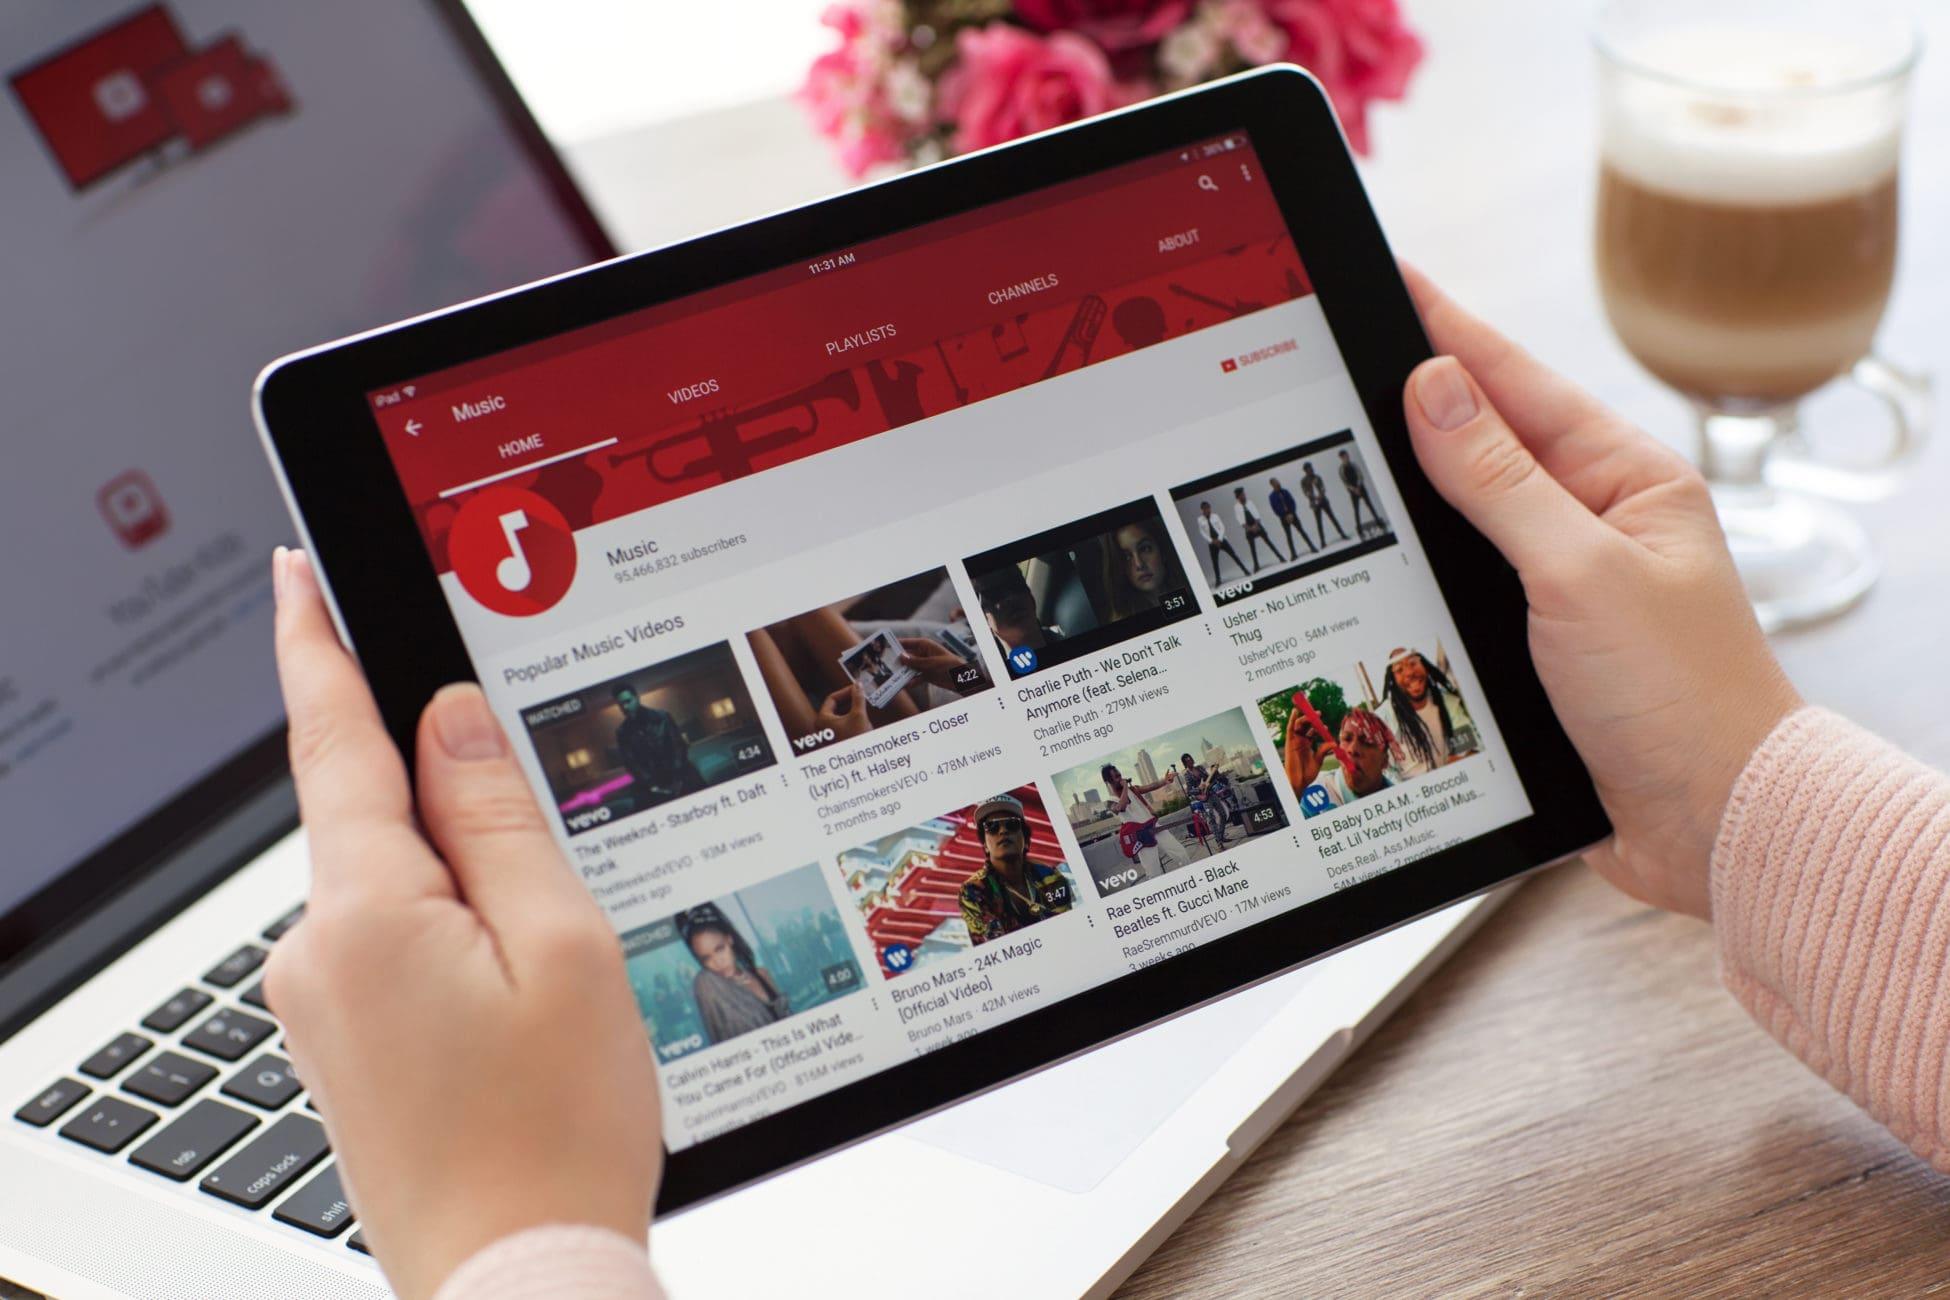 Youtube Video Popülerliği Artırma Yolları